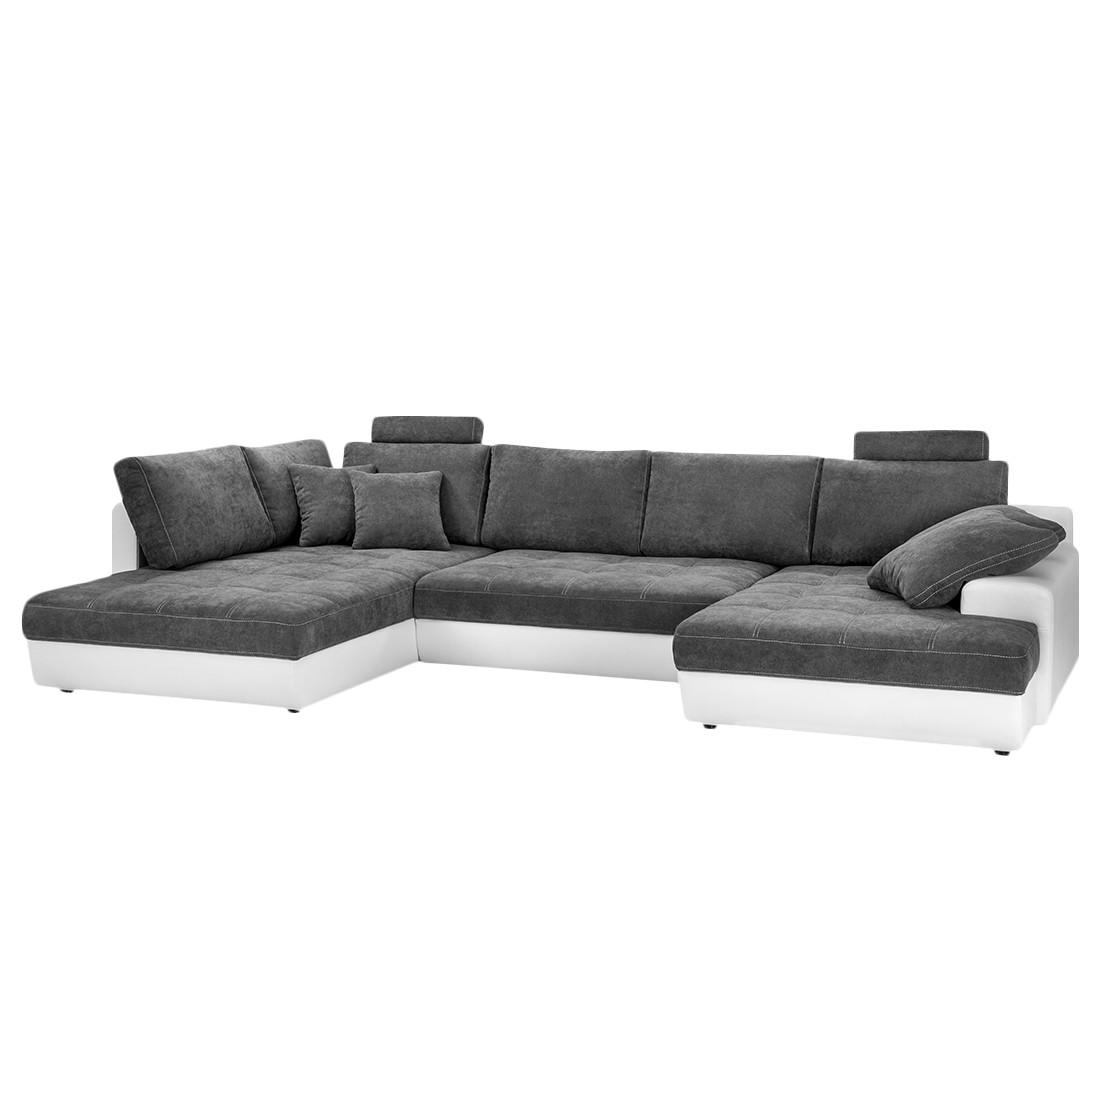 Canapé panoramique Marit (convertible) - Imitation cuir blanc / Microfibre gris foncé, Fredriks